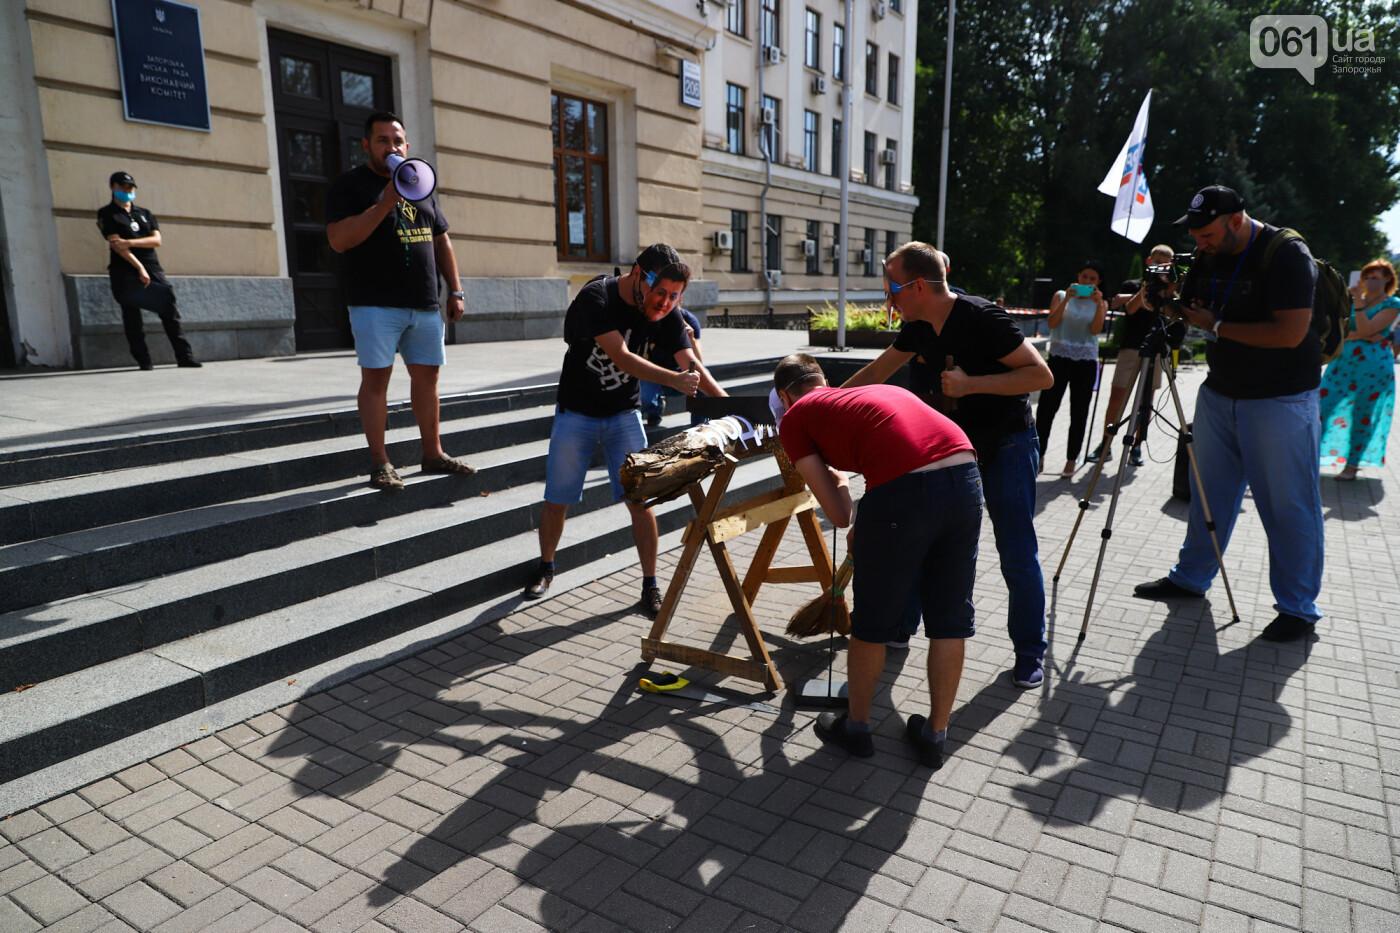 С пилами и в масках: в Запорожье возле мэрии активисты показали, как распиливают городской бюджет, - ФОТОРЕПОРТАЖ, фото-11